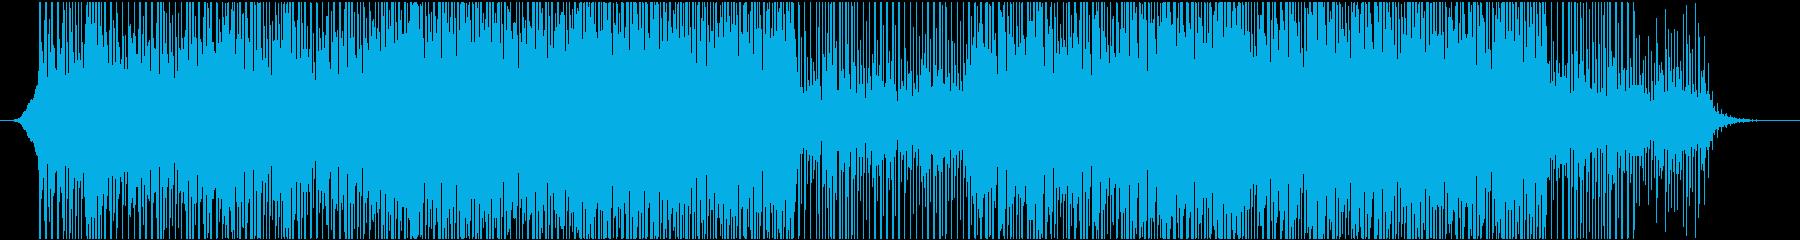 企業VPに最適な落ち着いて前向きなBGMの再生済みの波形